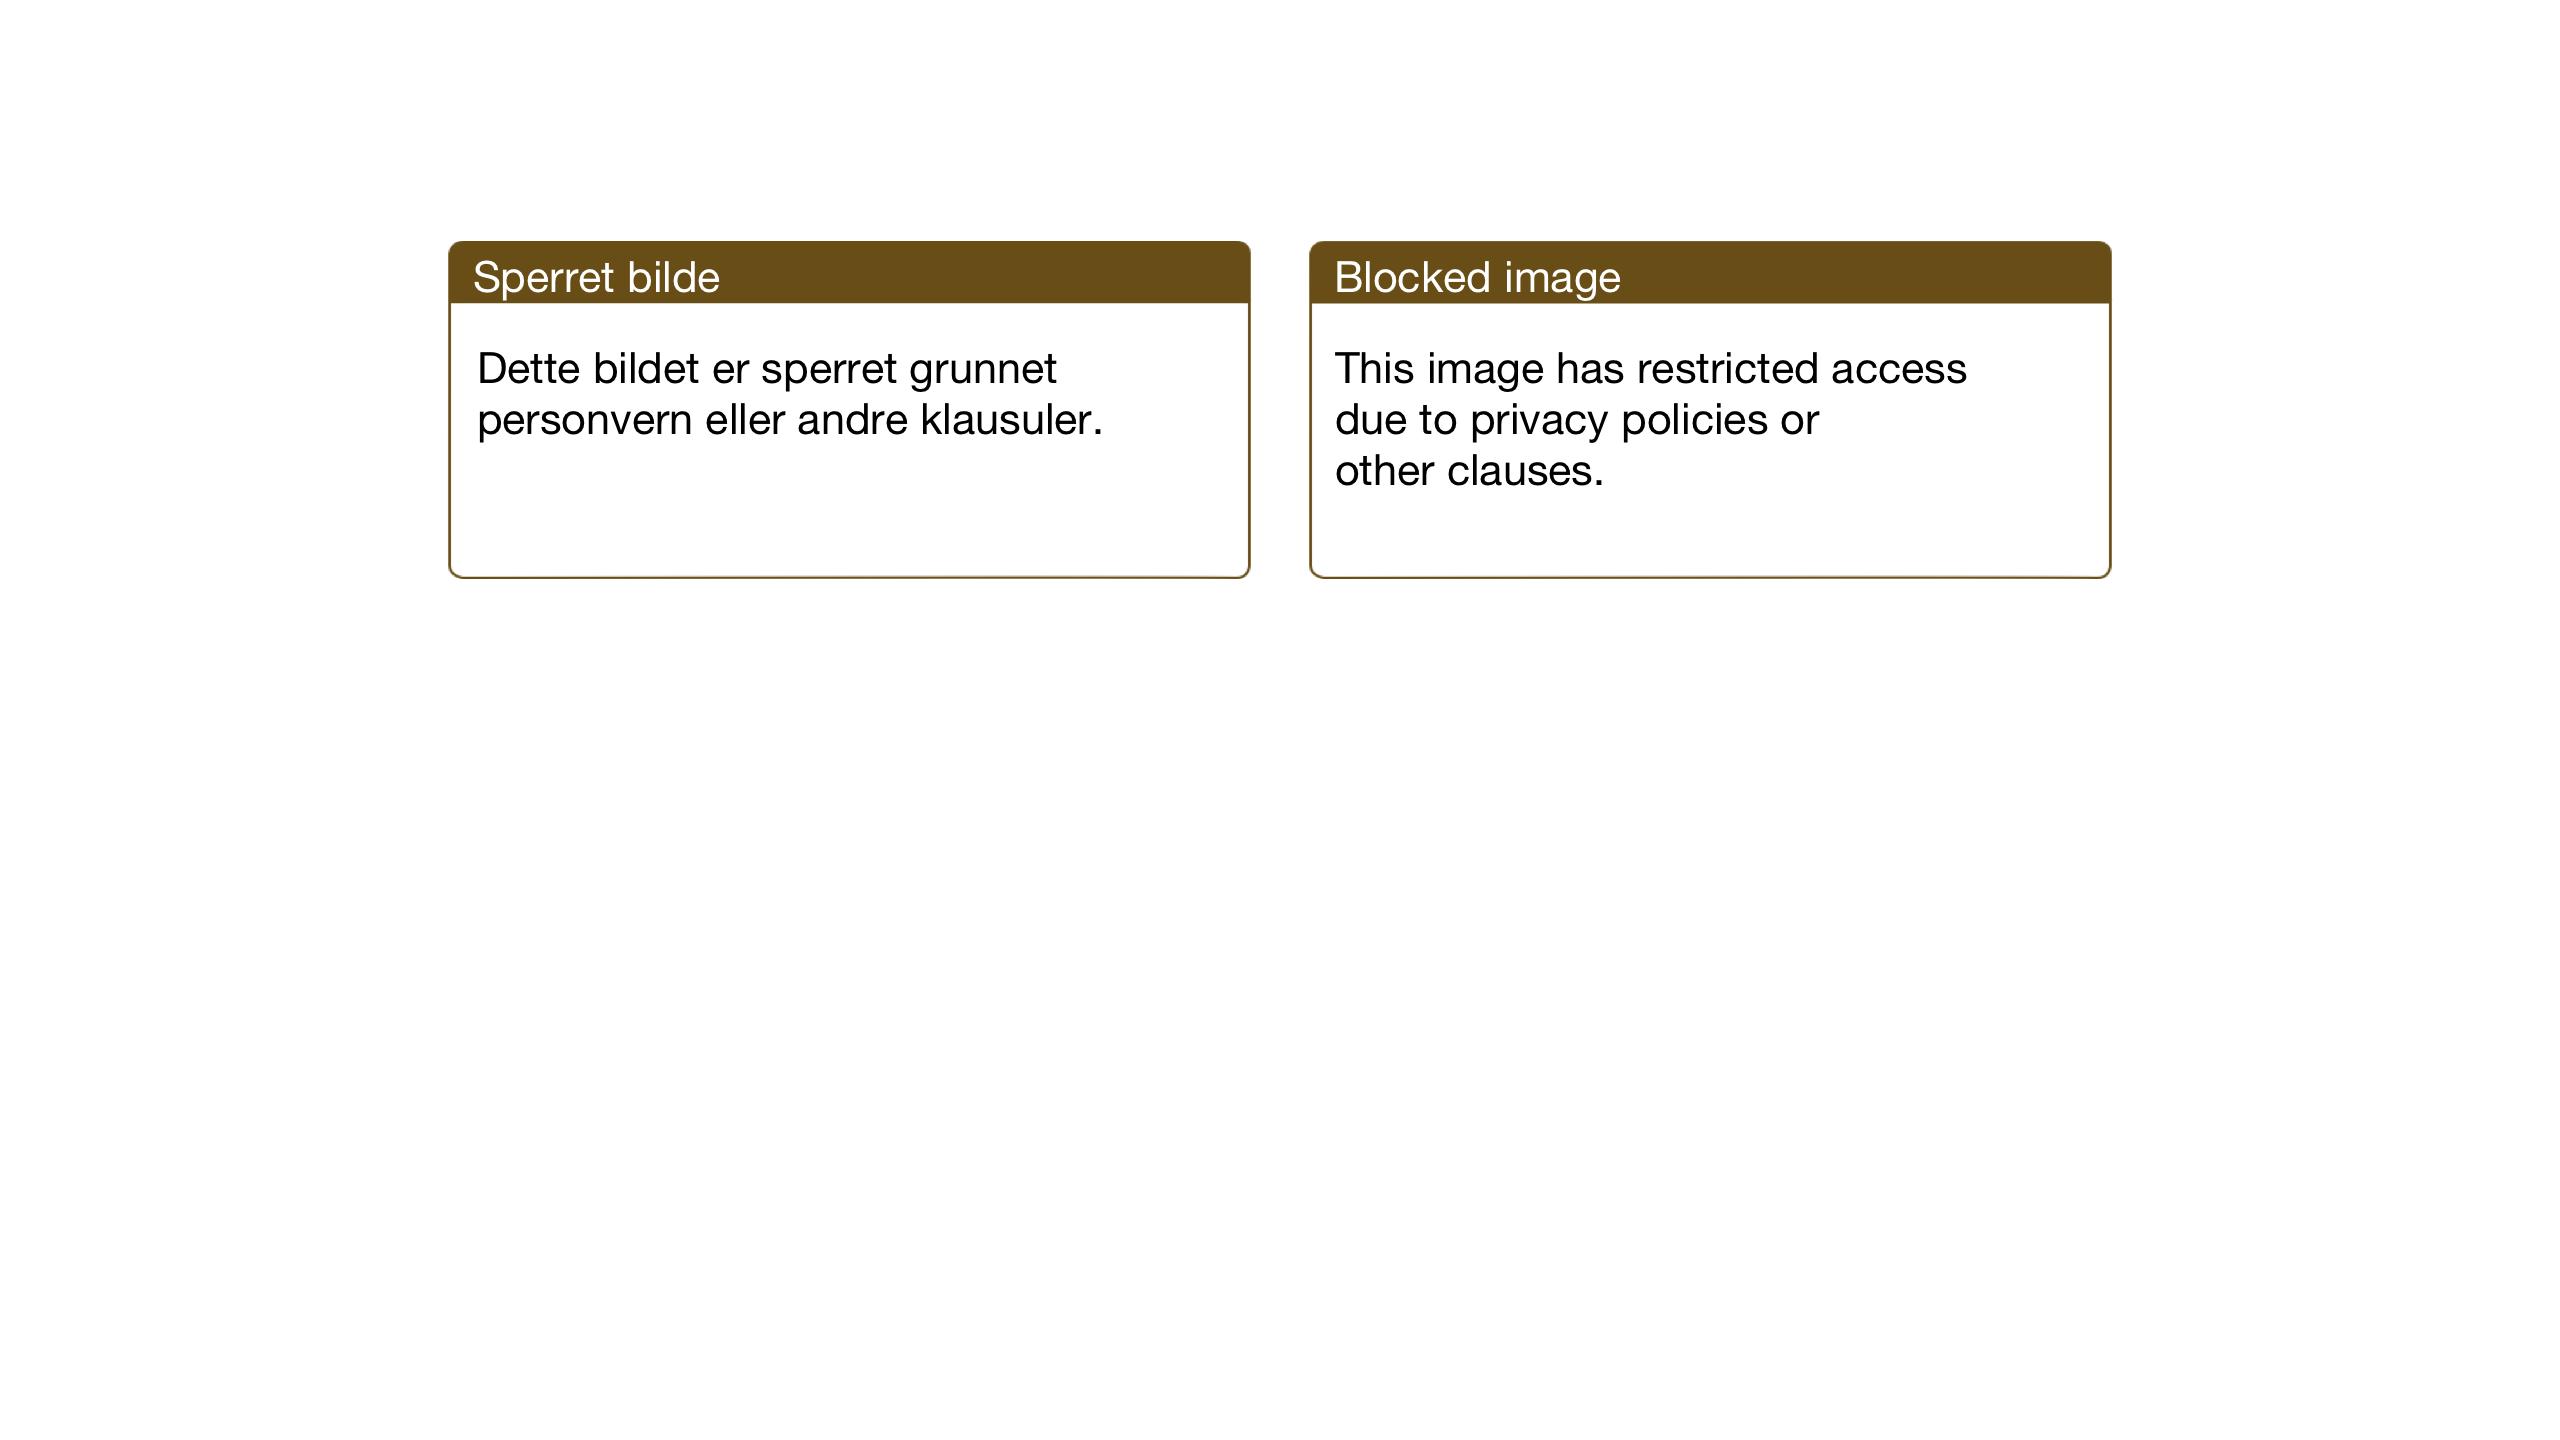 SAT, Ministerialprotokoller, klokkerbøker og fødselsregistre - Sør-Trøndelag, 638/L0569: Klokkerbok nr. 638C01, 1923-1961, s. 223